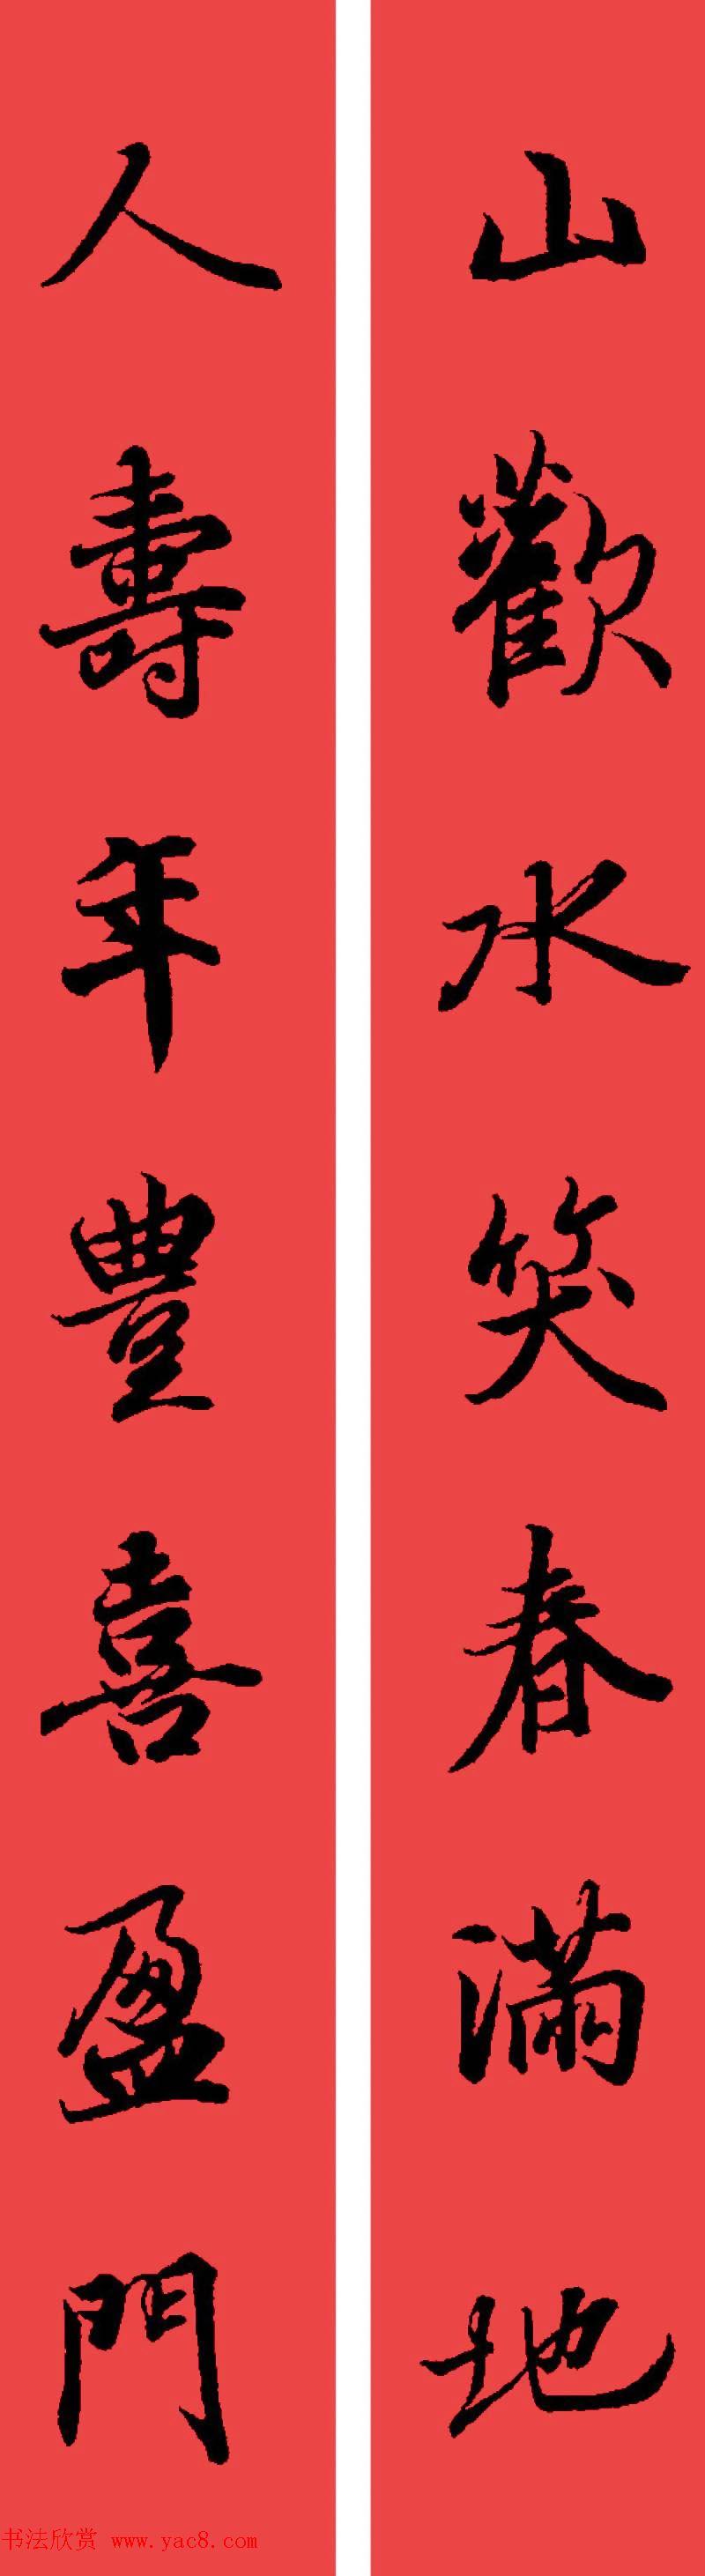 兰亭序集字七言行书春联32幅 第11页 书法专题 书法欣赏图片